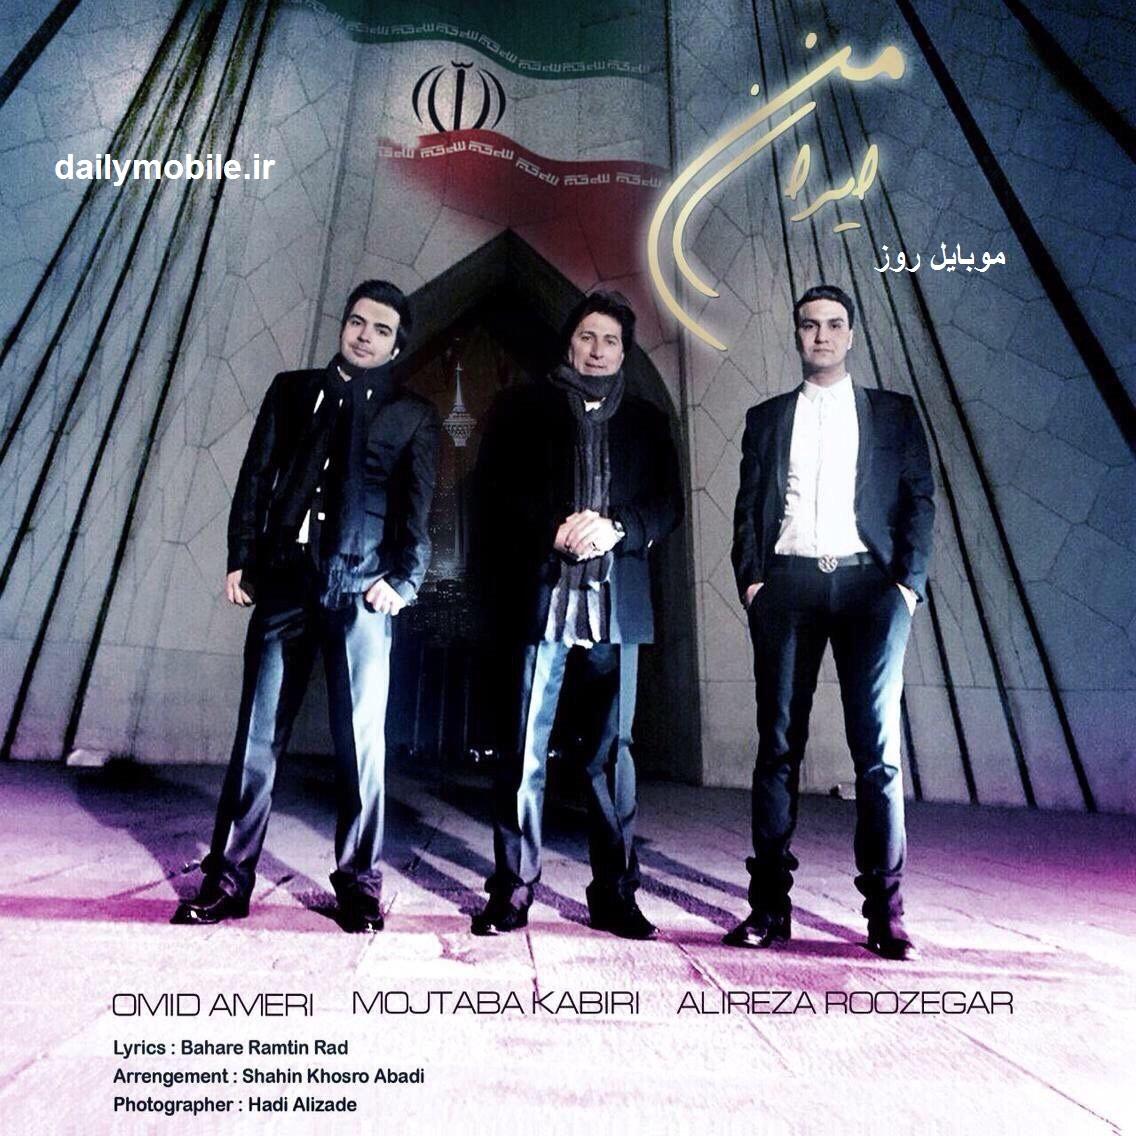 Omid Ameri Ft_ Mojtaba Kabiri and Alireza Roozegar - Irane Ma2323n